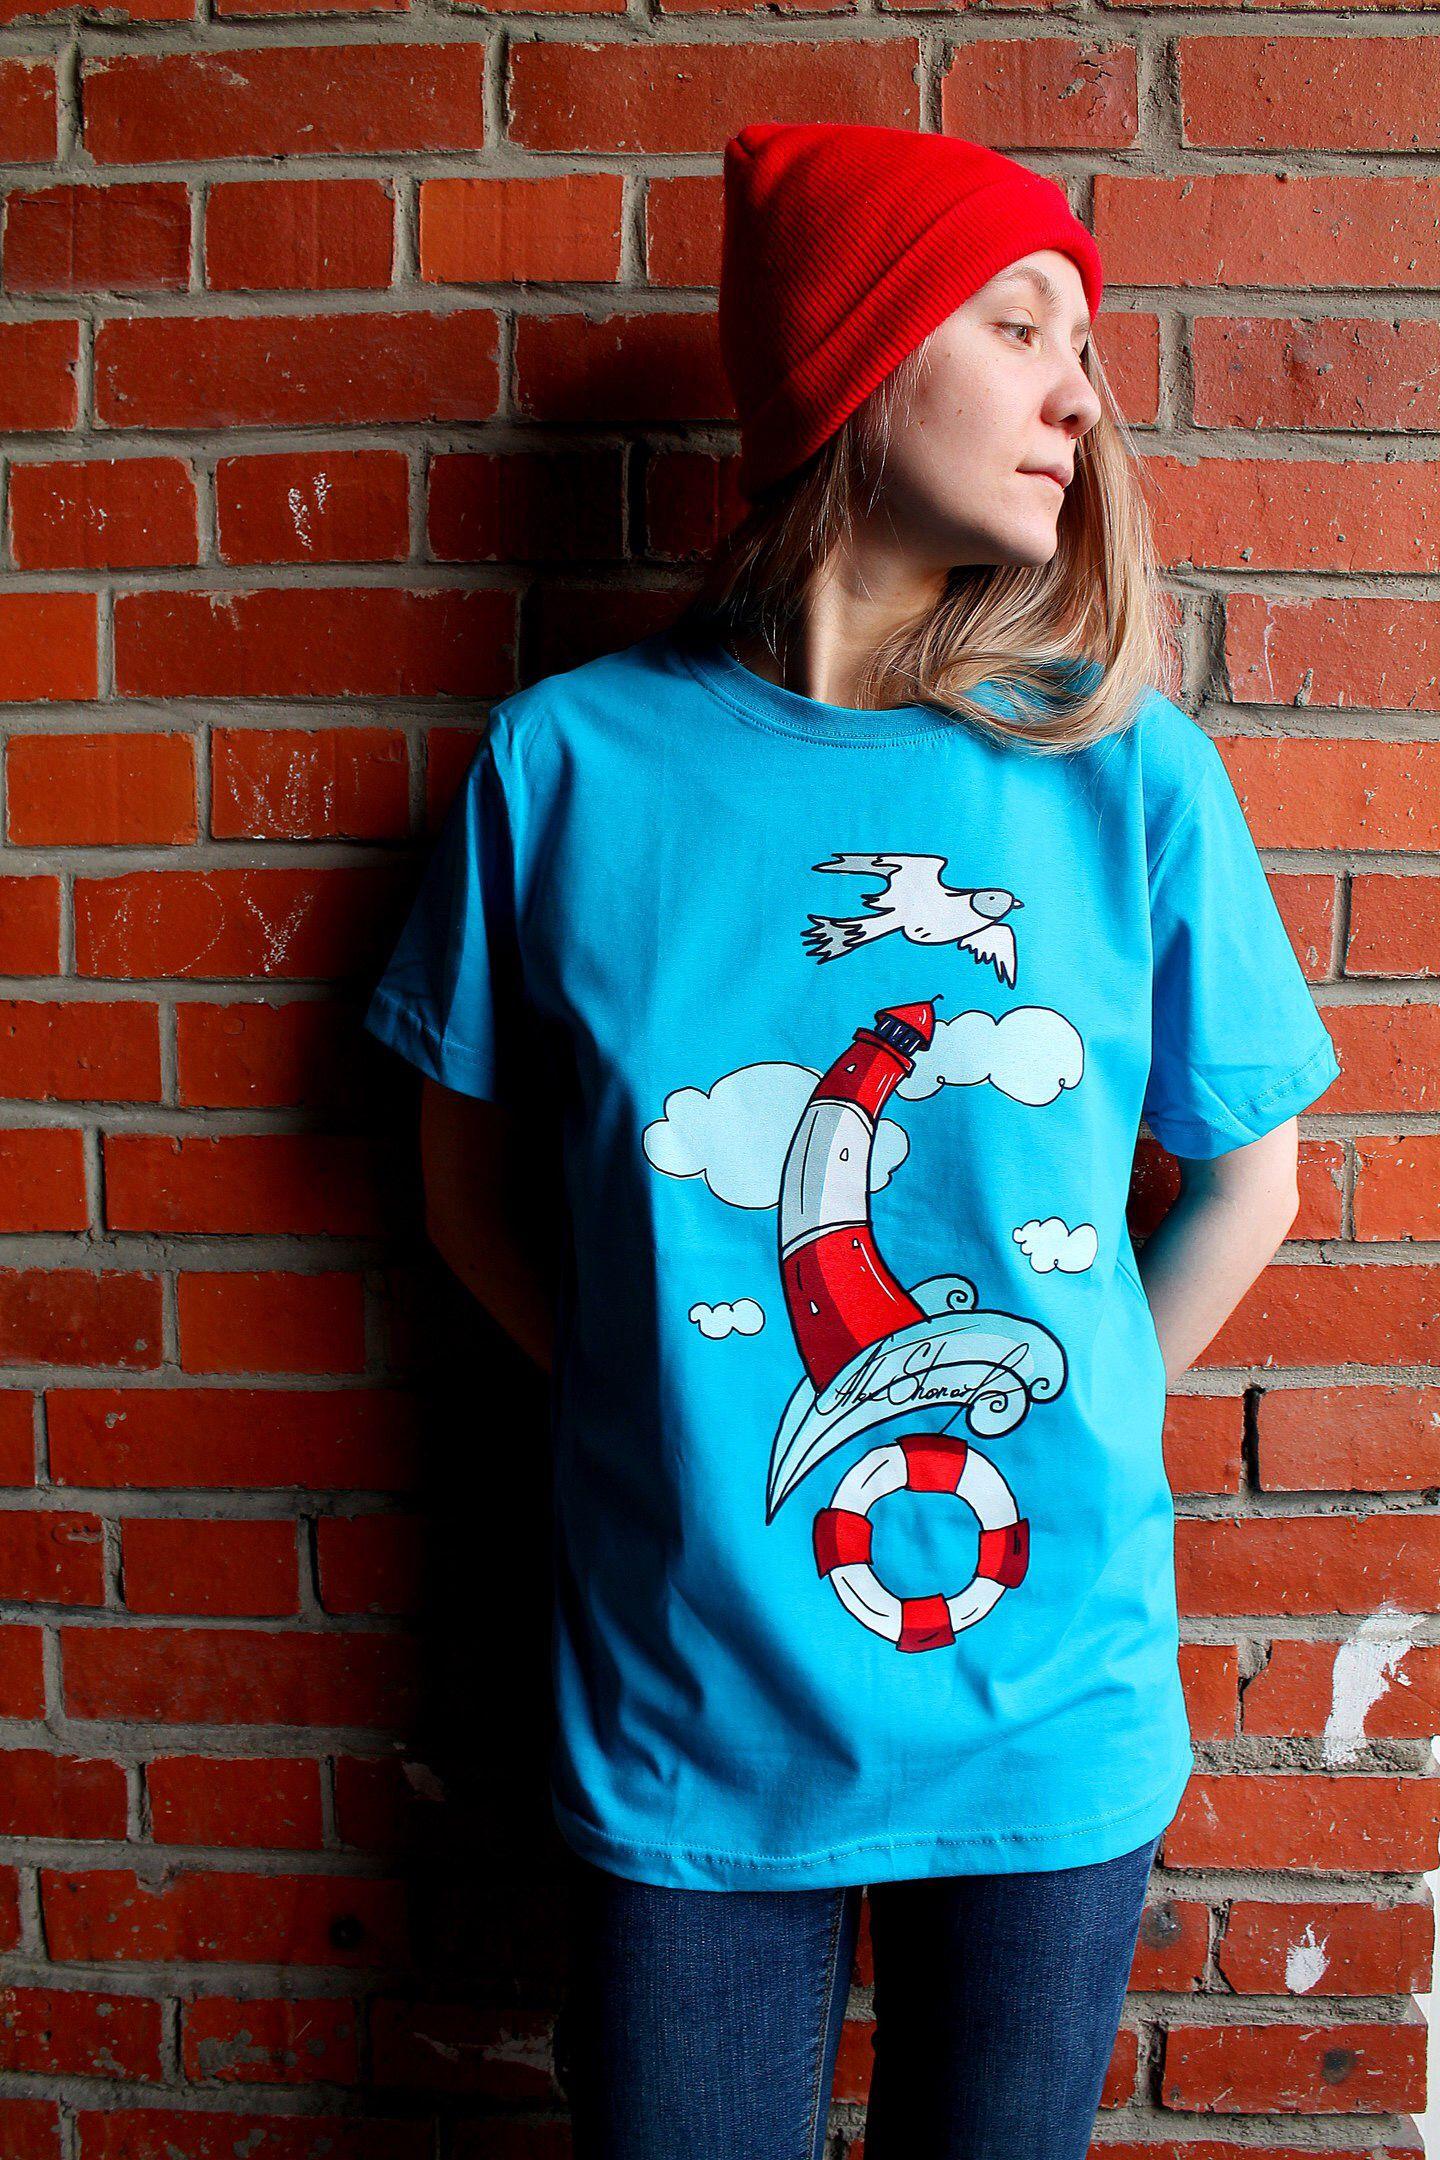 морской чайка принтом стиль маяк авторский футболка спб ткани принт печать